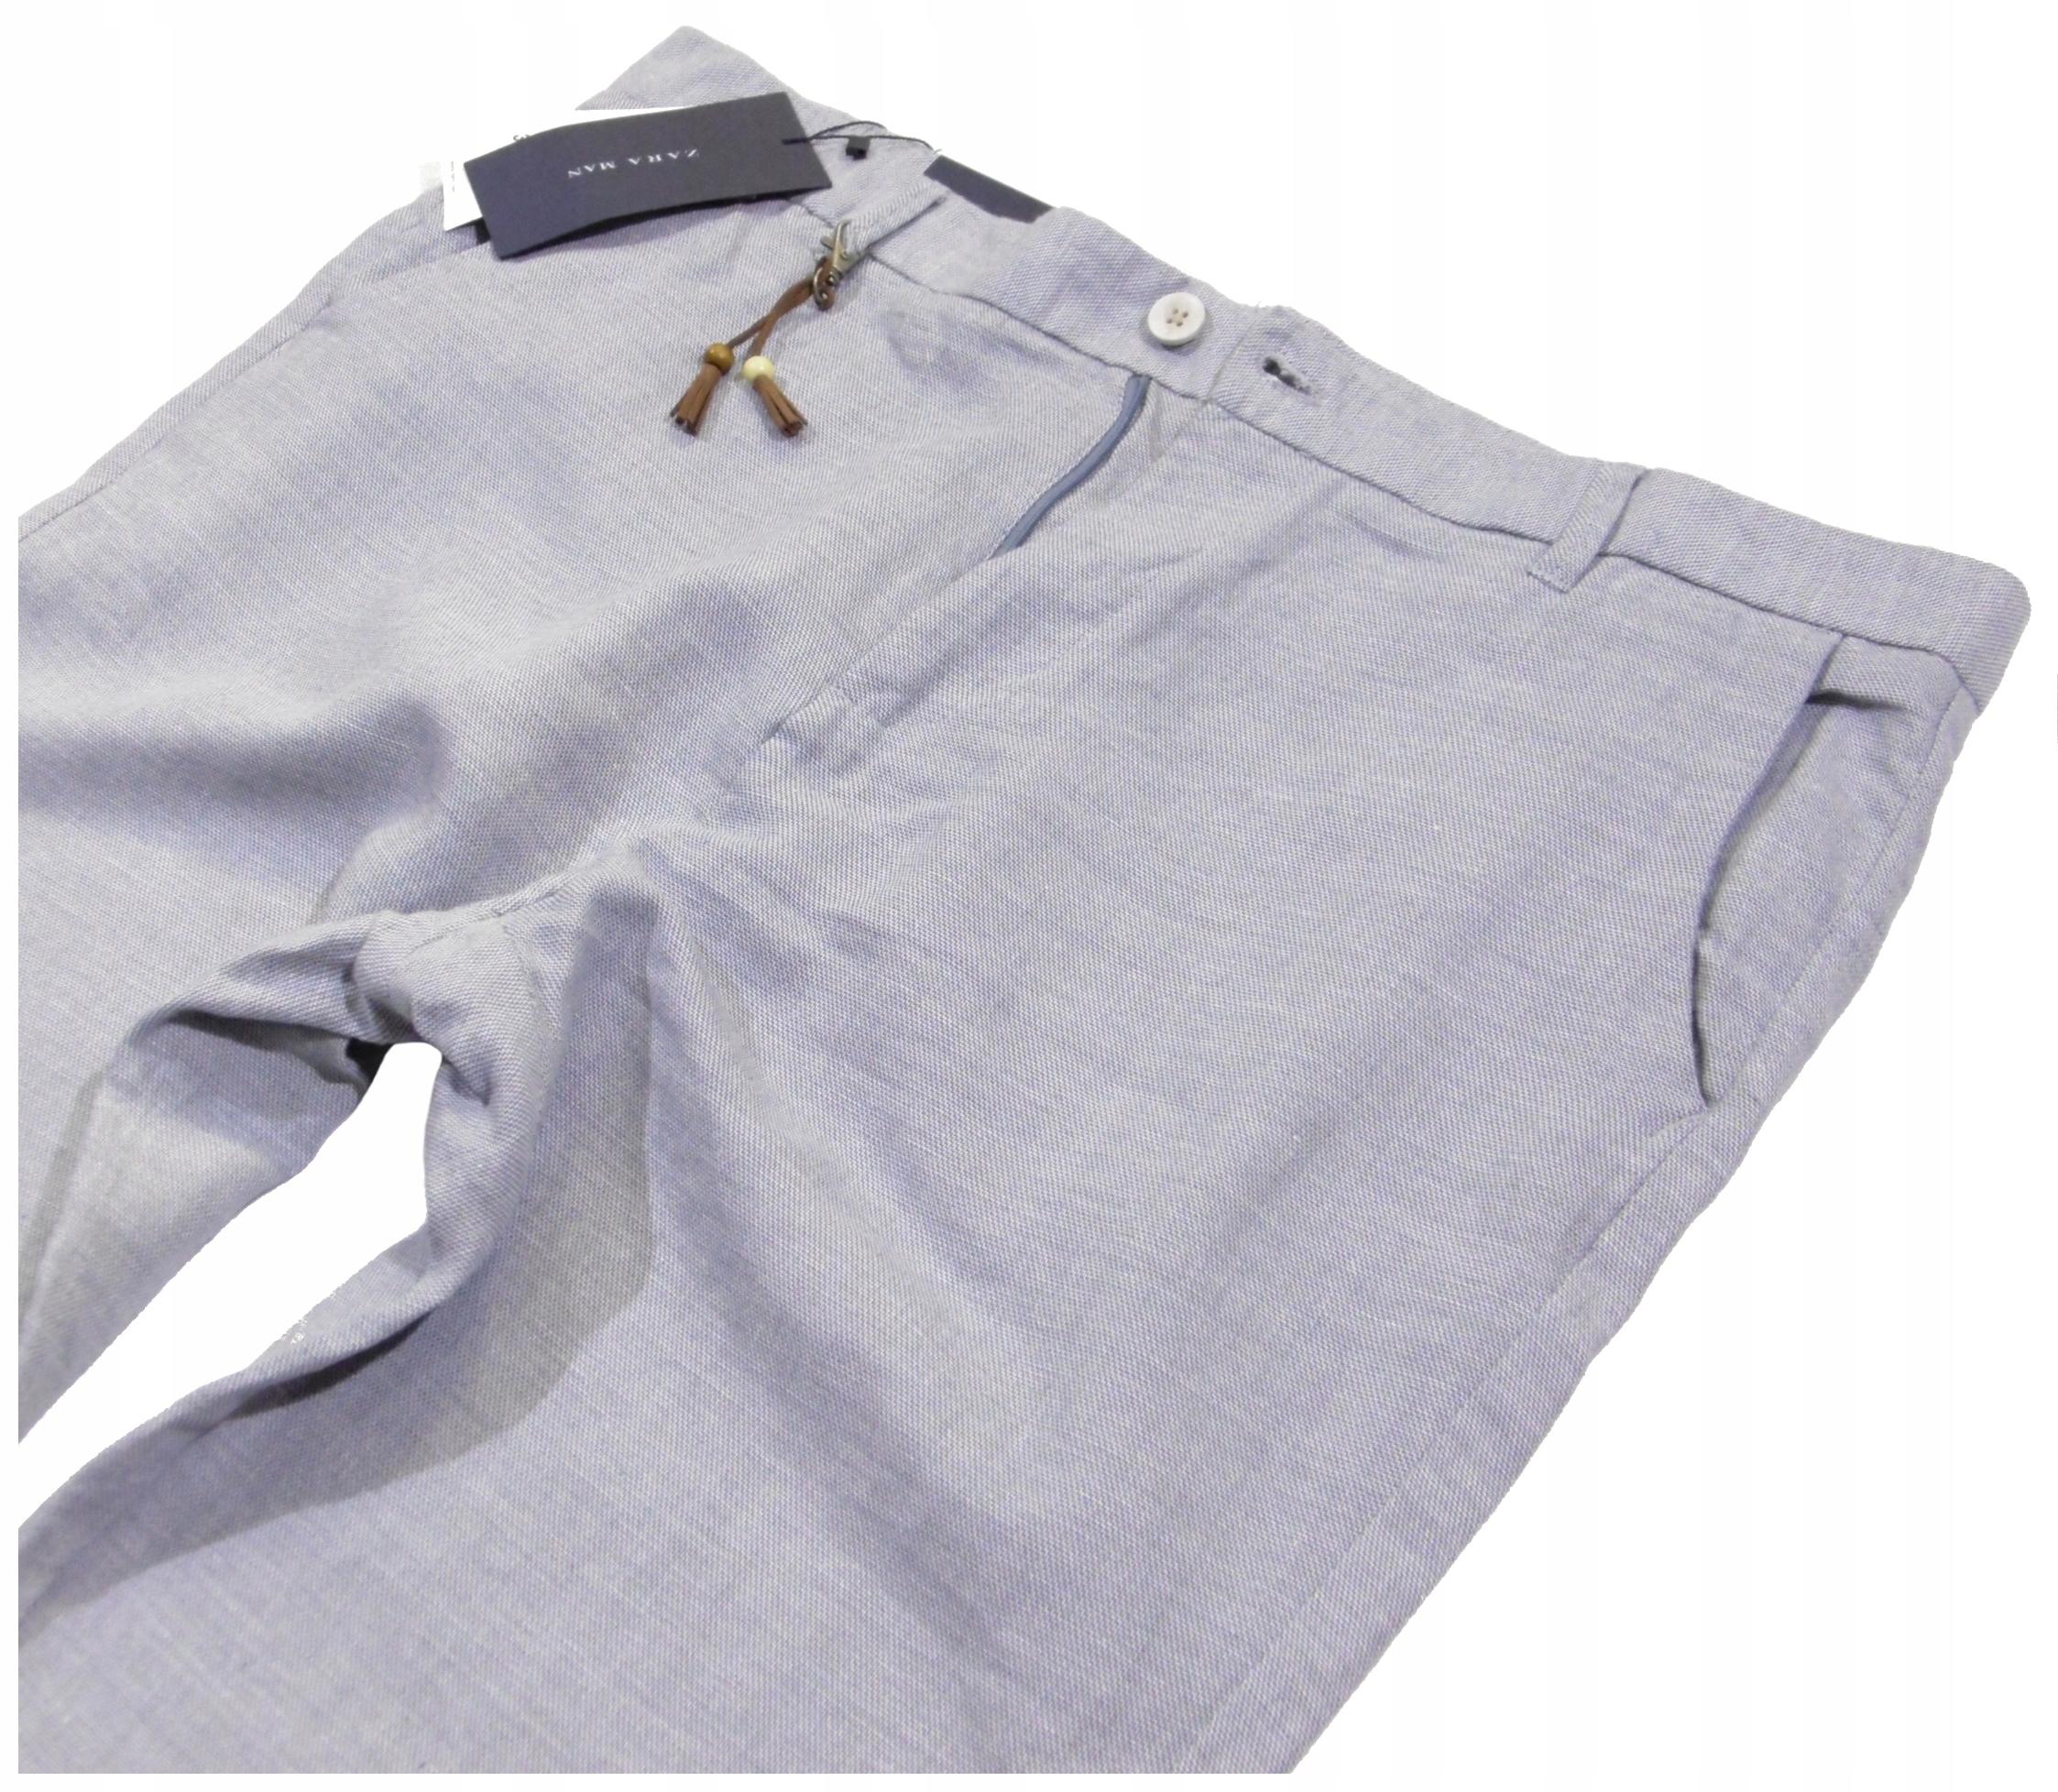 ZARA MAN COMFORT _ Spodnie na LATO _ R 48 _Pas 102